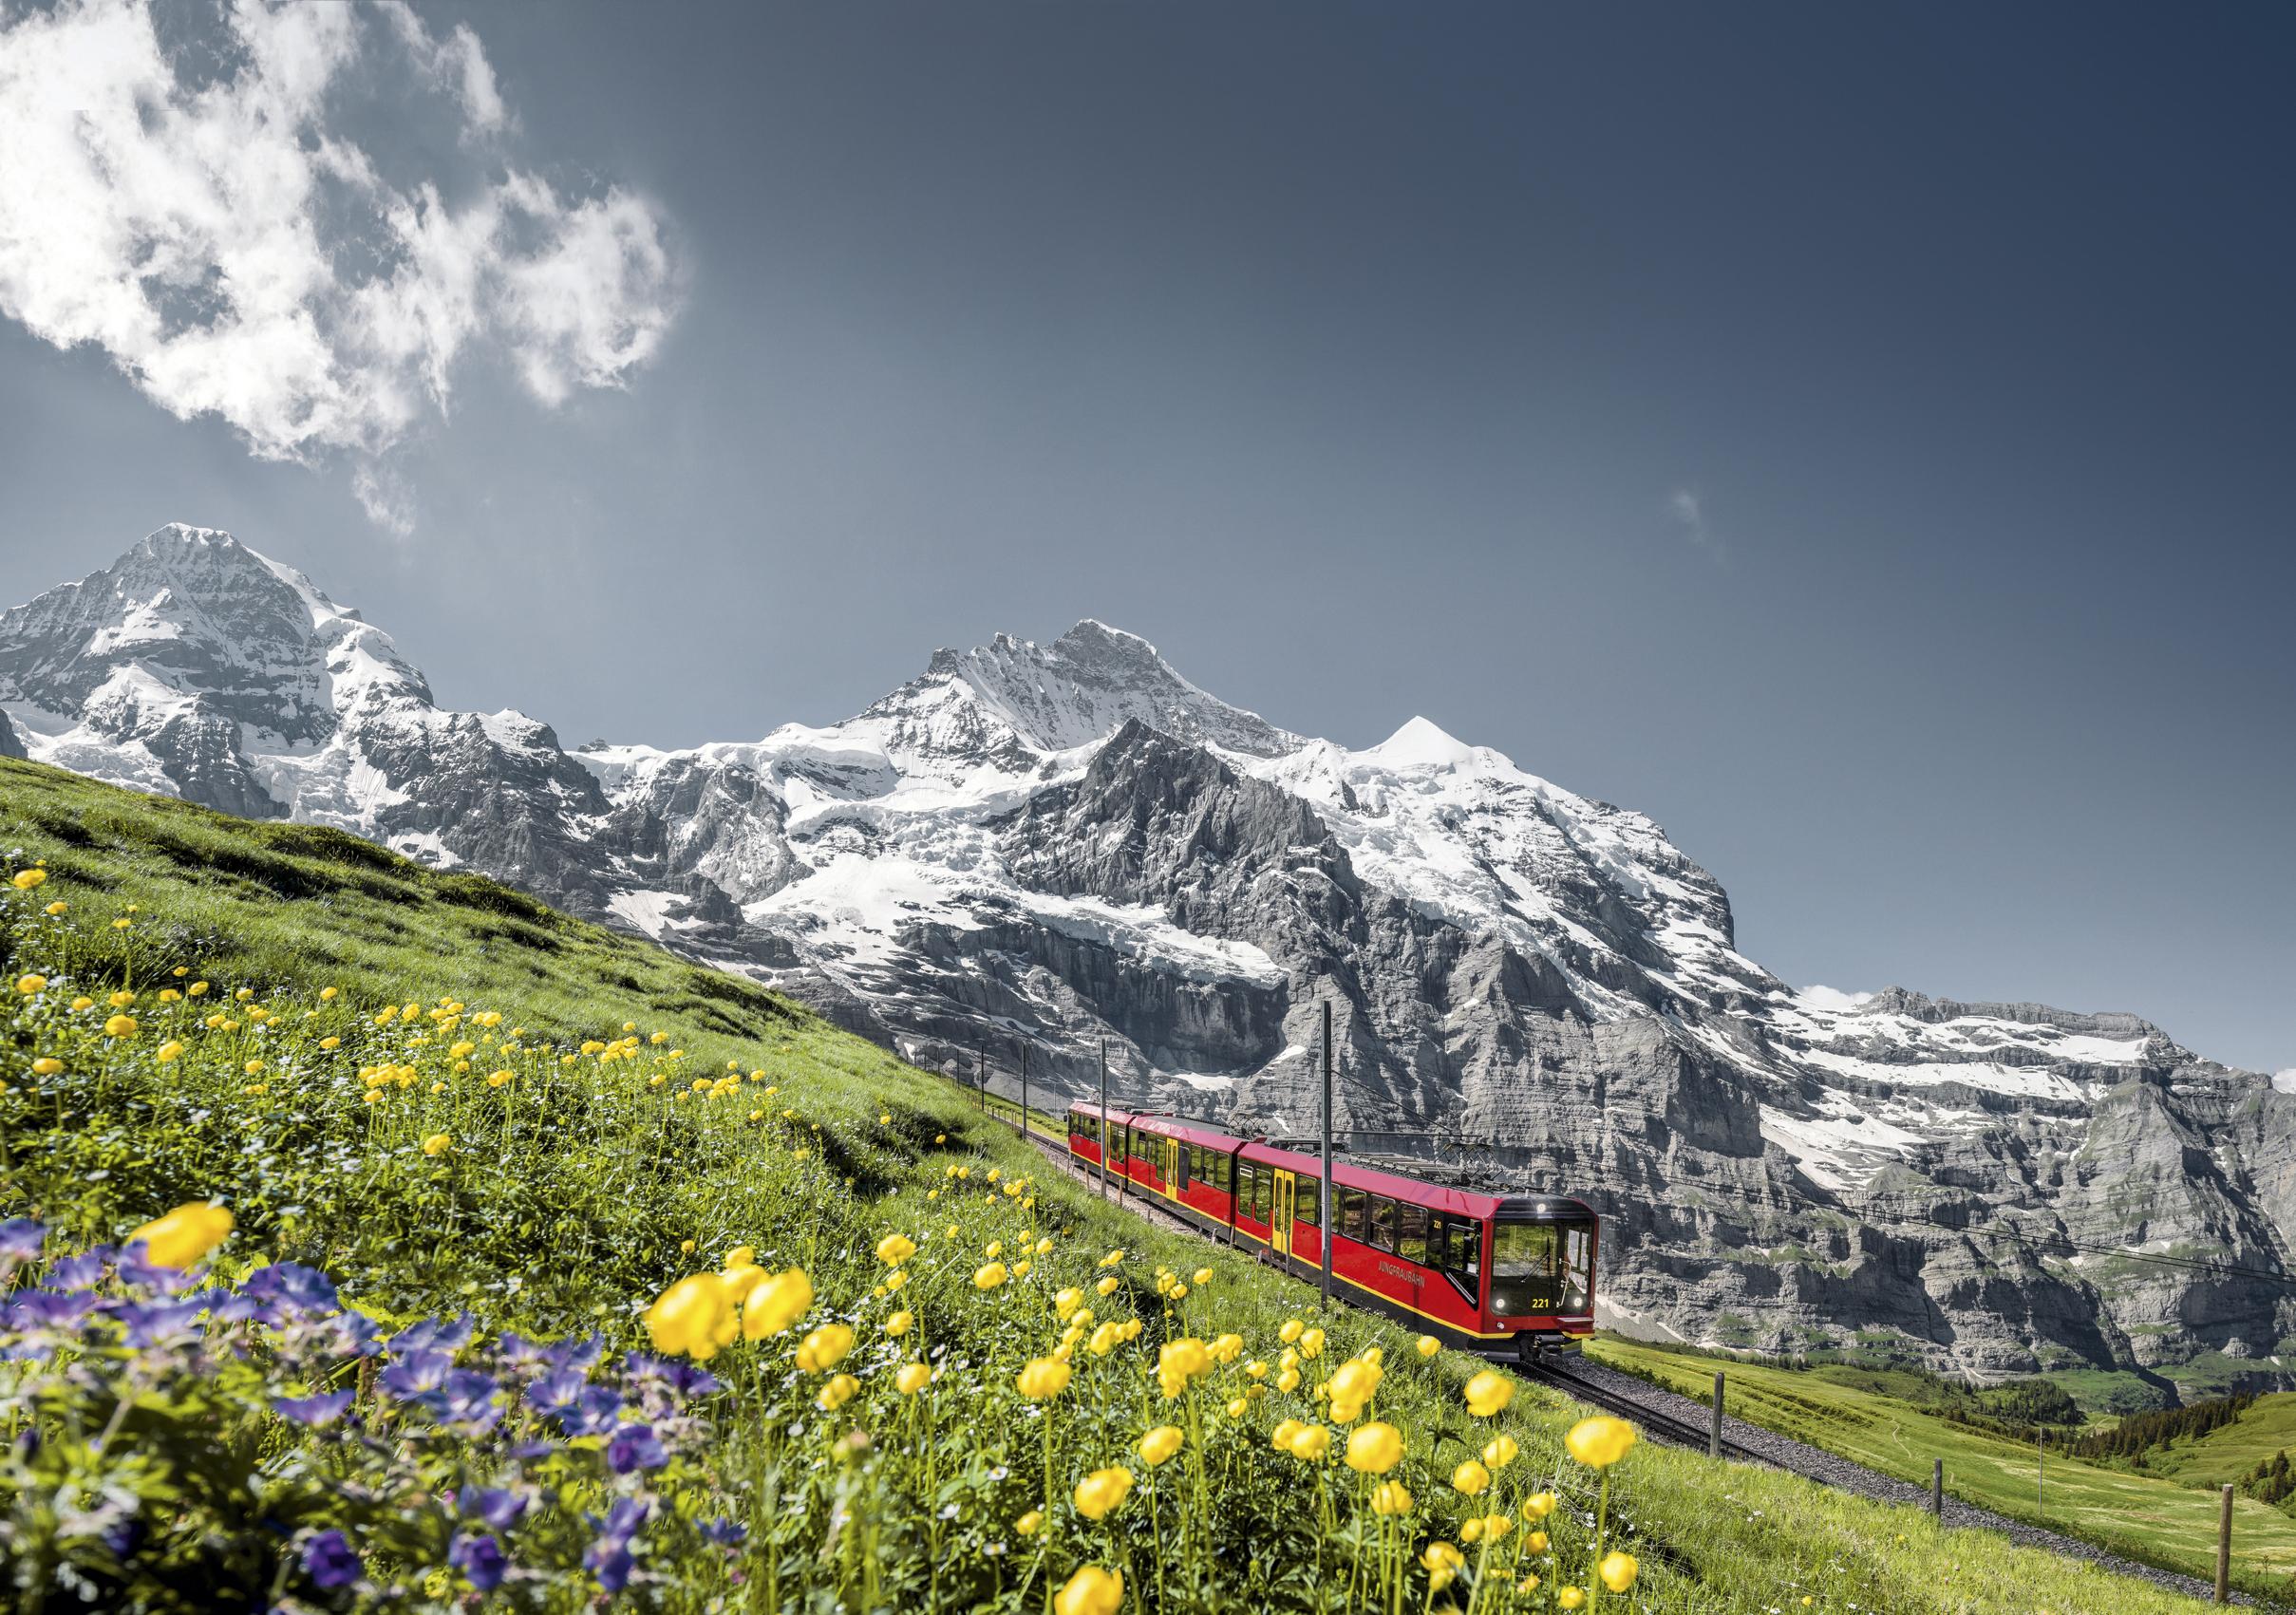 ทัวร์ยุโรป อิตาลี สวิตเซอร์แลนด์ ฝรั่งเศส ขึ้นยอดเขายุงค์ฟราวยอค นั้ง TGV เข้าสู่ปารีส